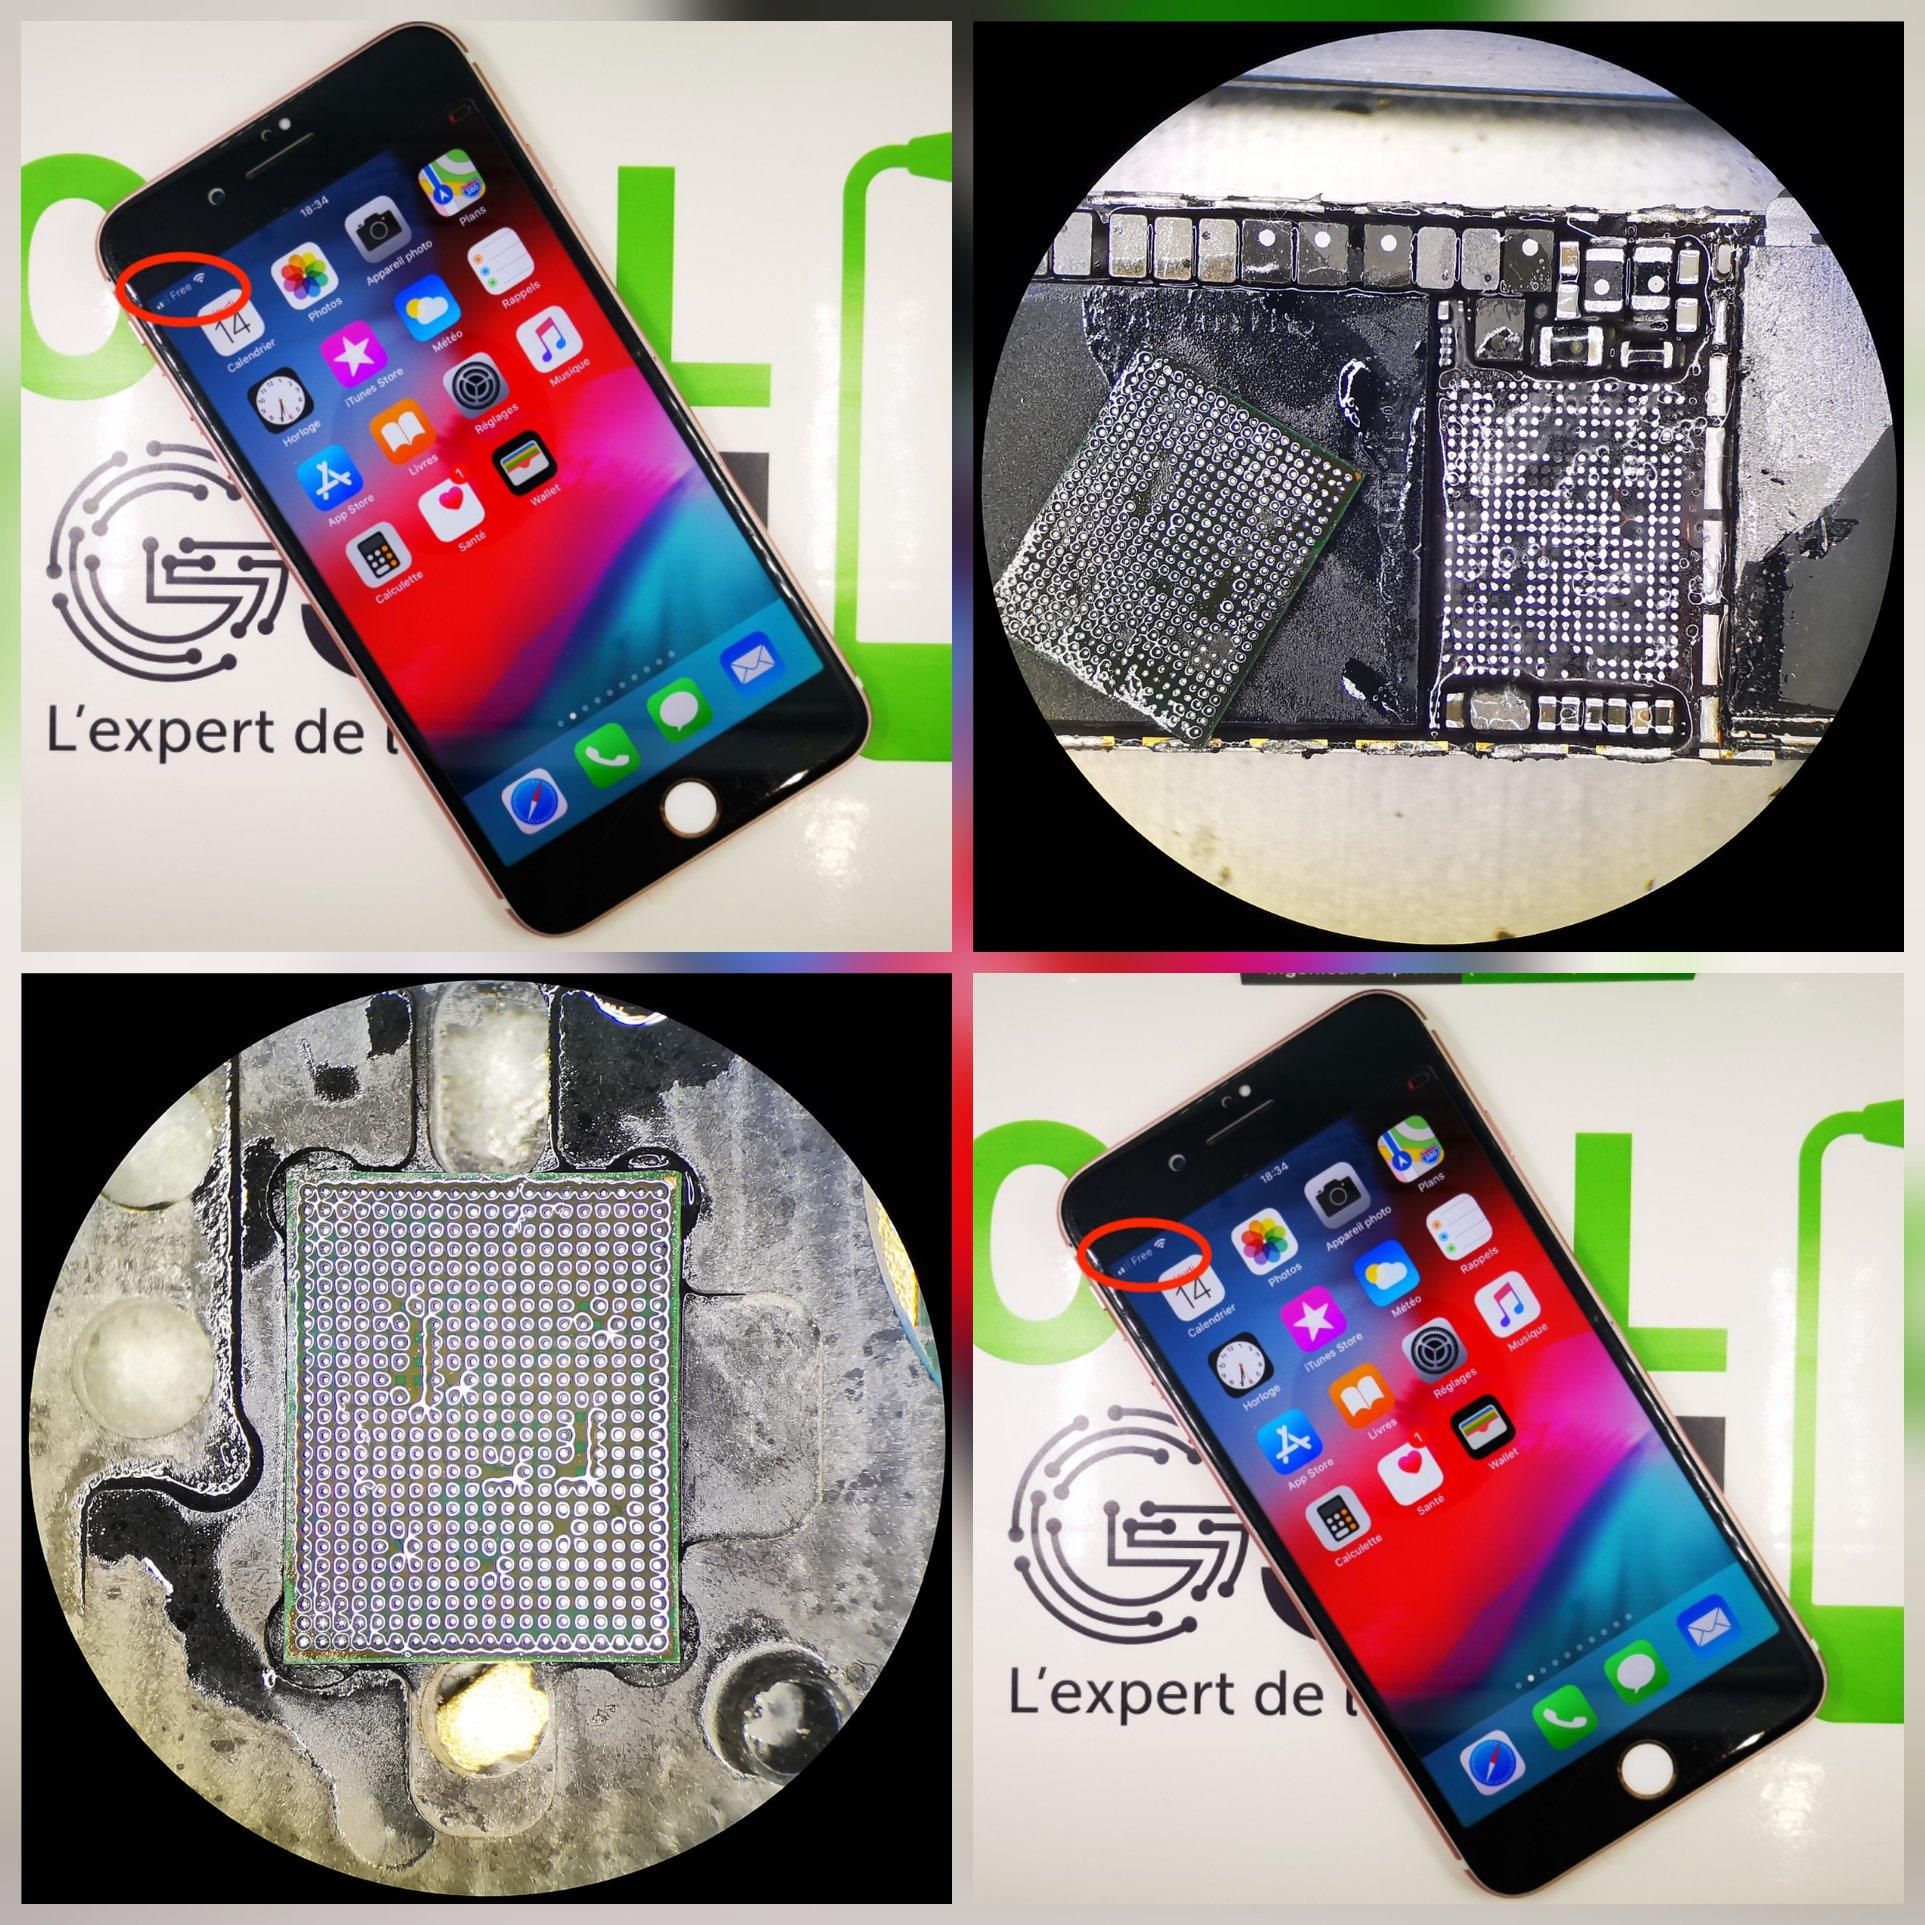 Réparation iPhone 7 Plus - Aucun service / réseau / Baseband